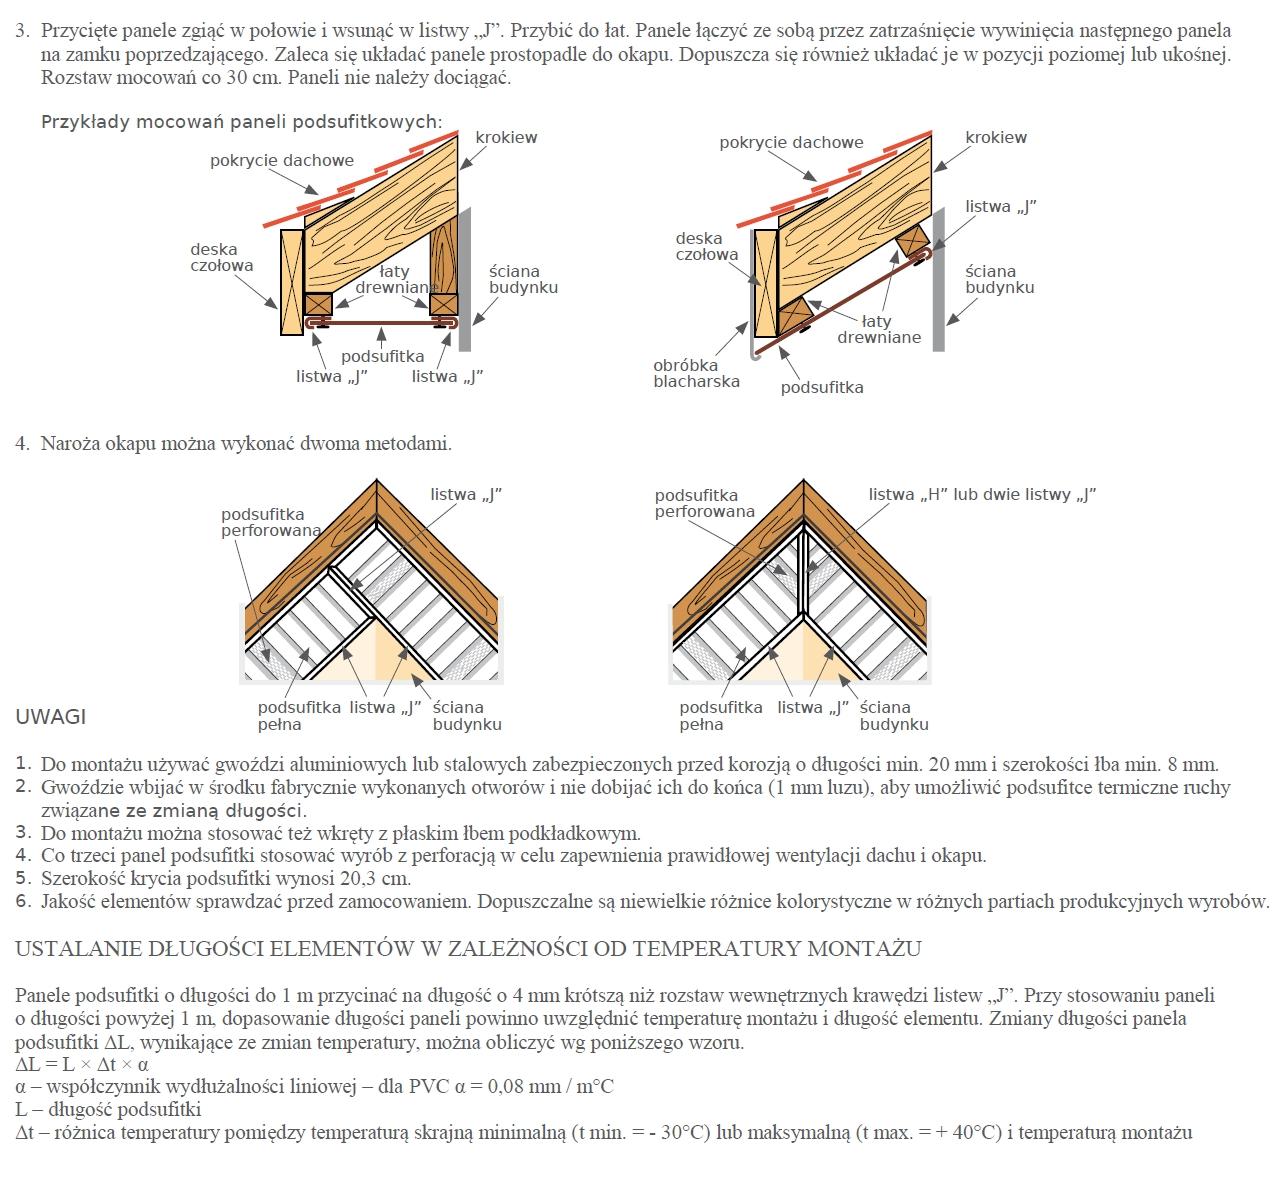 Instrukcja montażu podsufitki podbitki dachowej Izabella str2